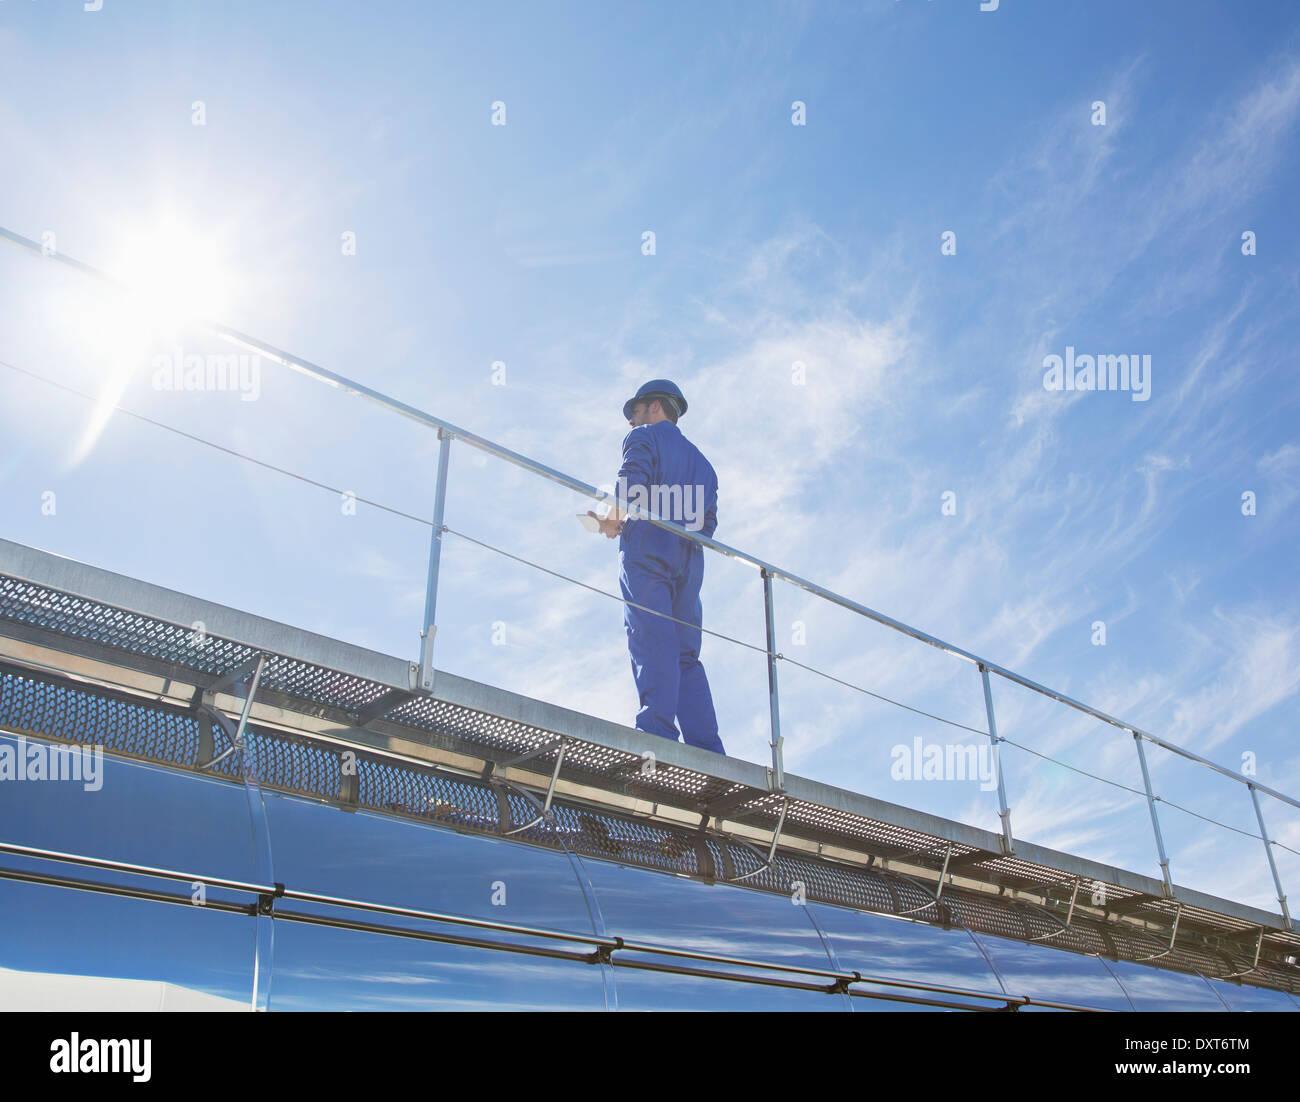 Arbeiter auf der Plattform Stockbild